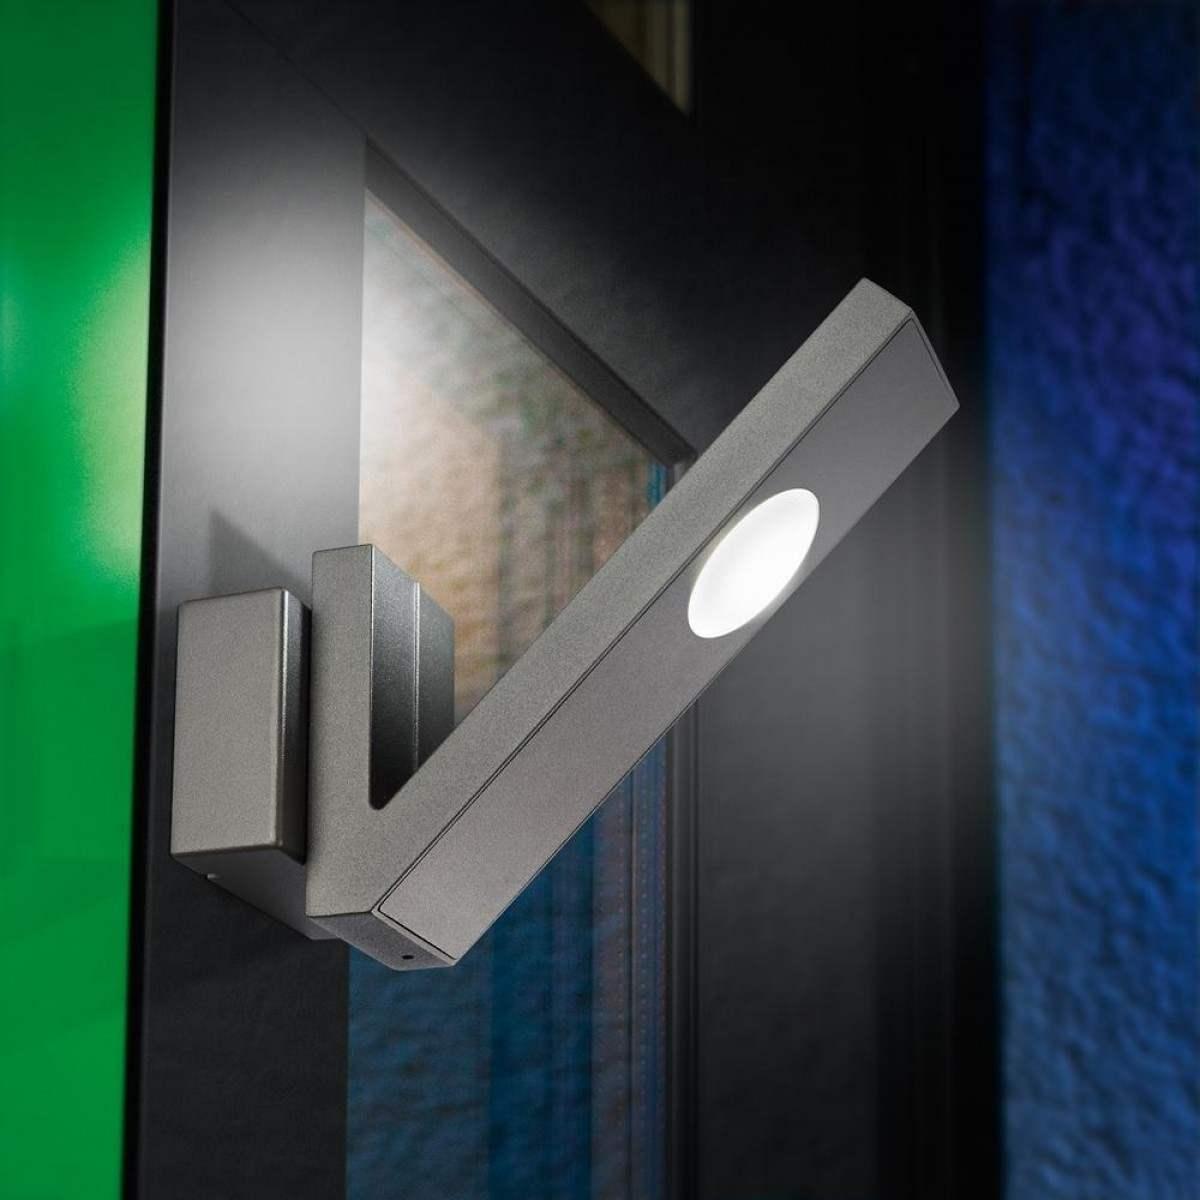 Lampada da parete a led per esterno, colore bianco o antracite ...